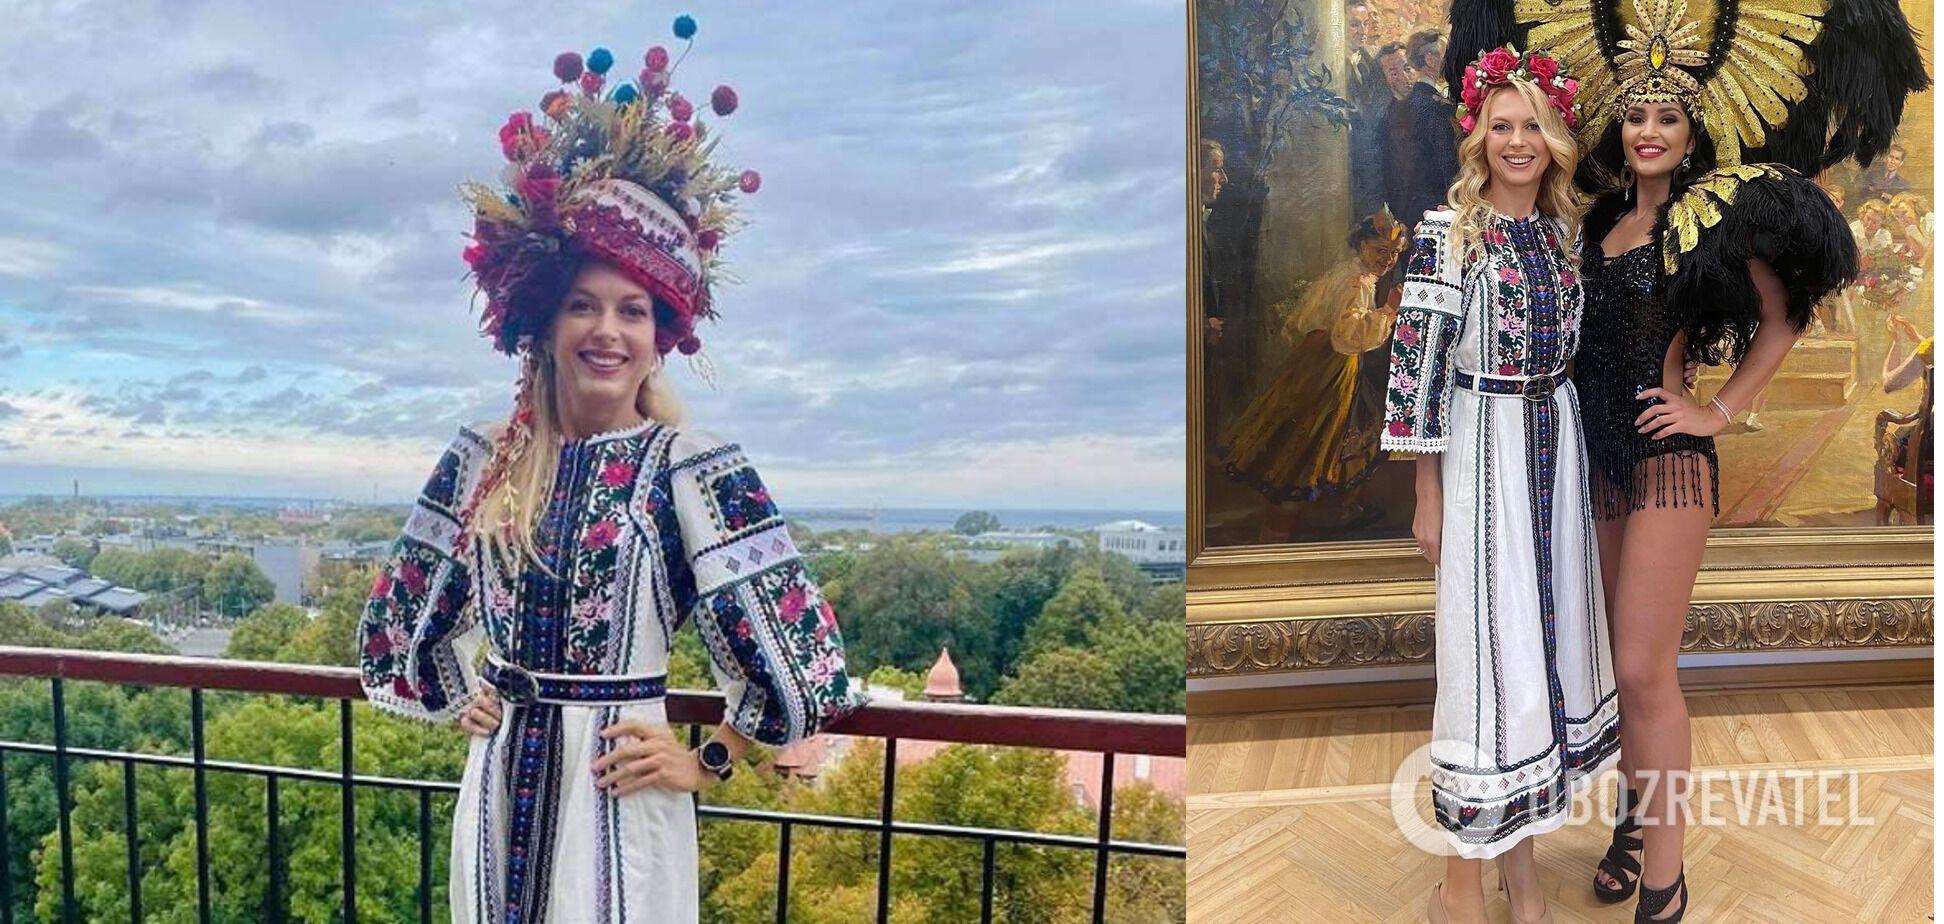 Зоряна в українському народному вбранні